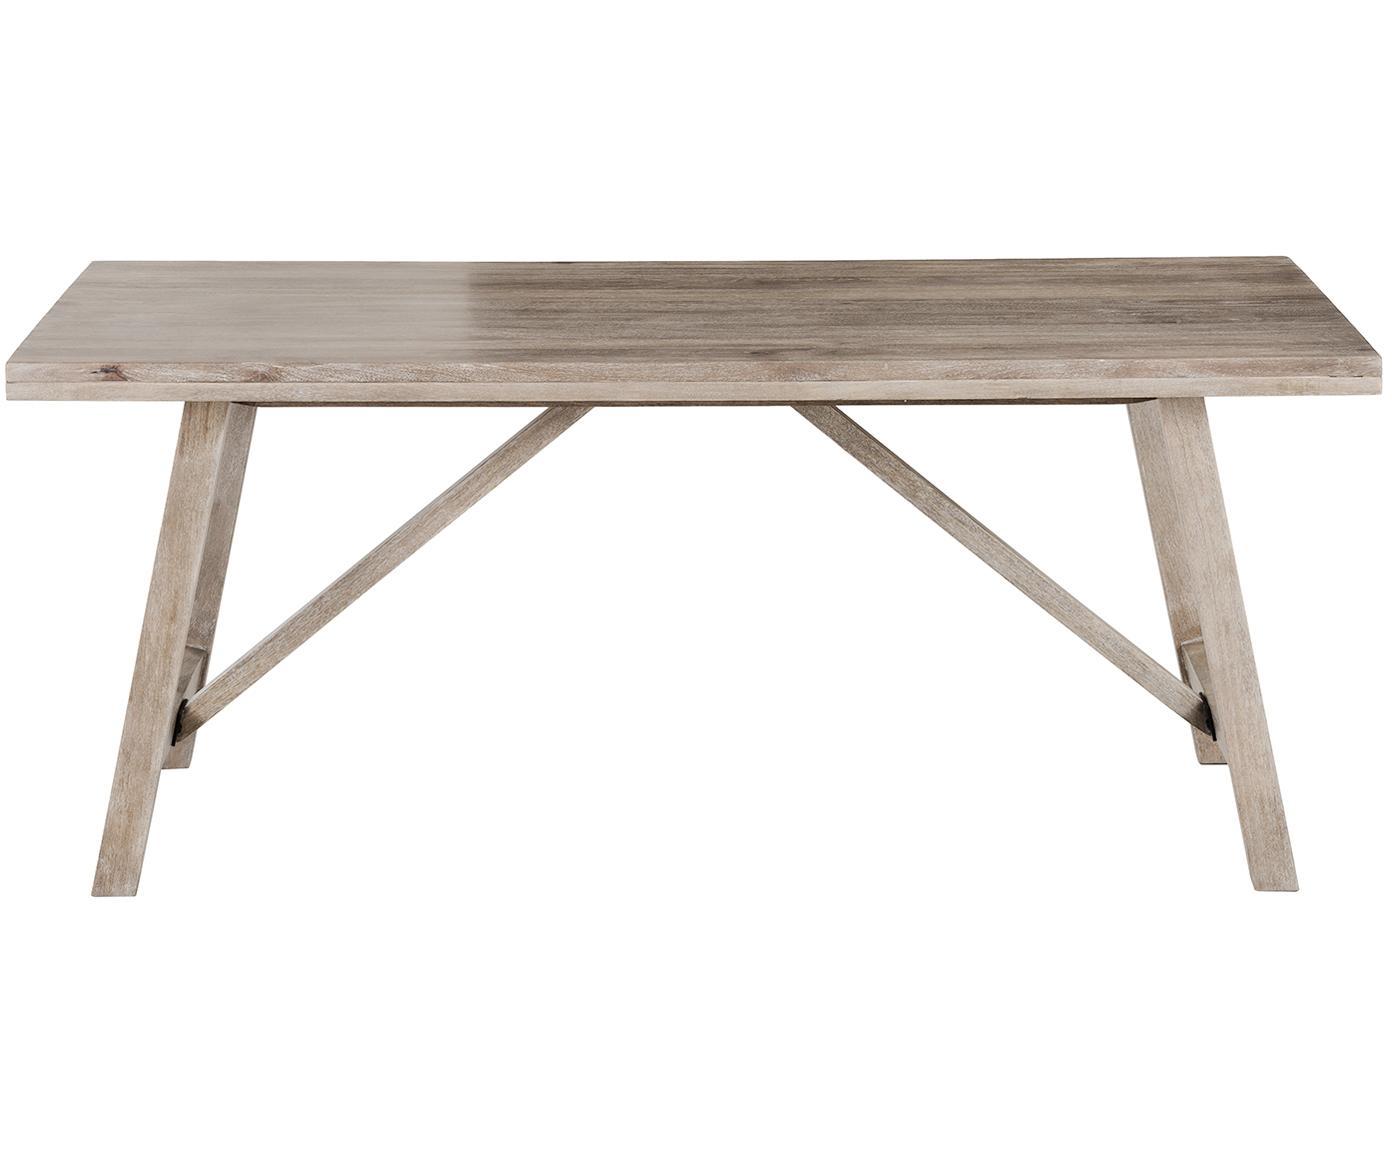 Stół do jadalni z litego drewna Memphis, Lite drewno mangowe, lakierowane, Drewno mangowe, biały rozmyty, S 180 x W 76 cm